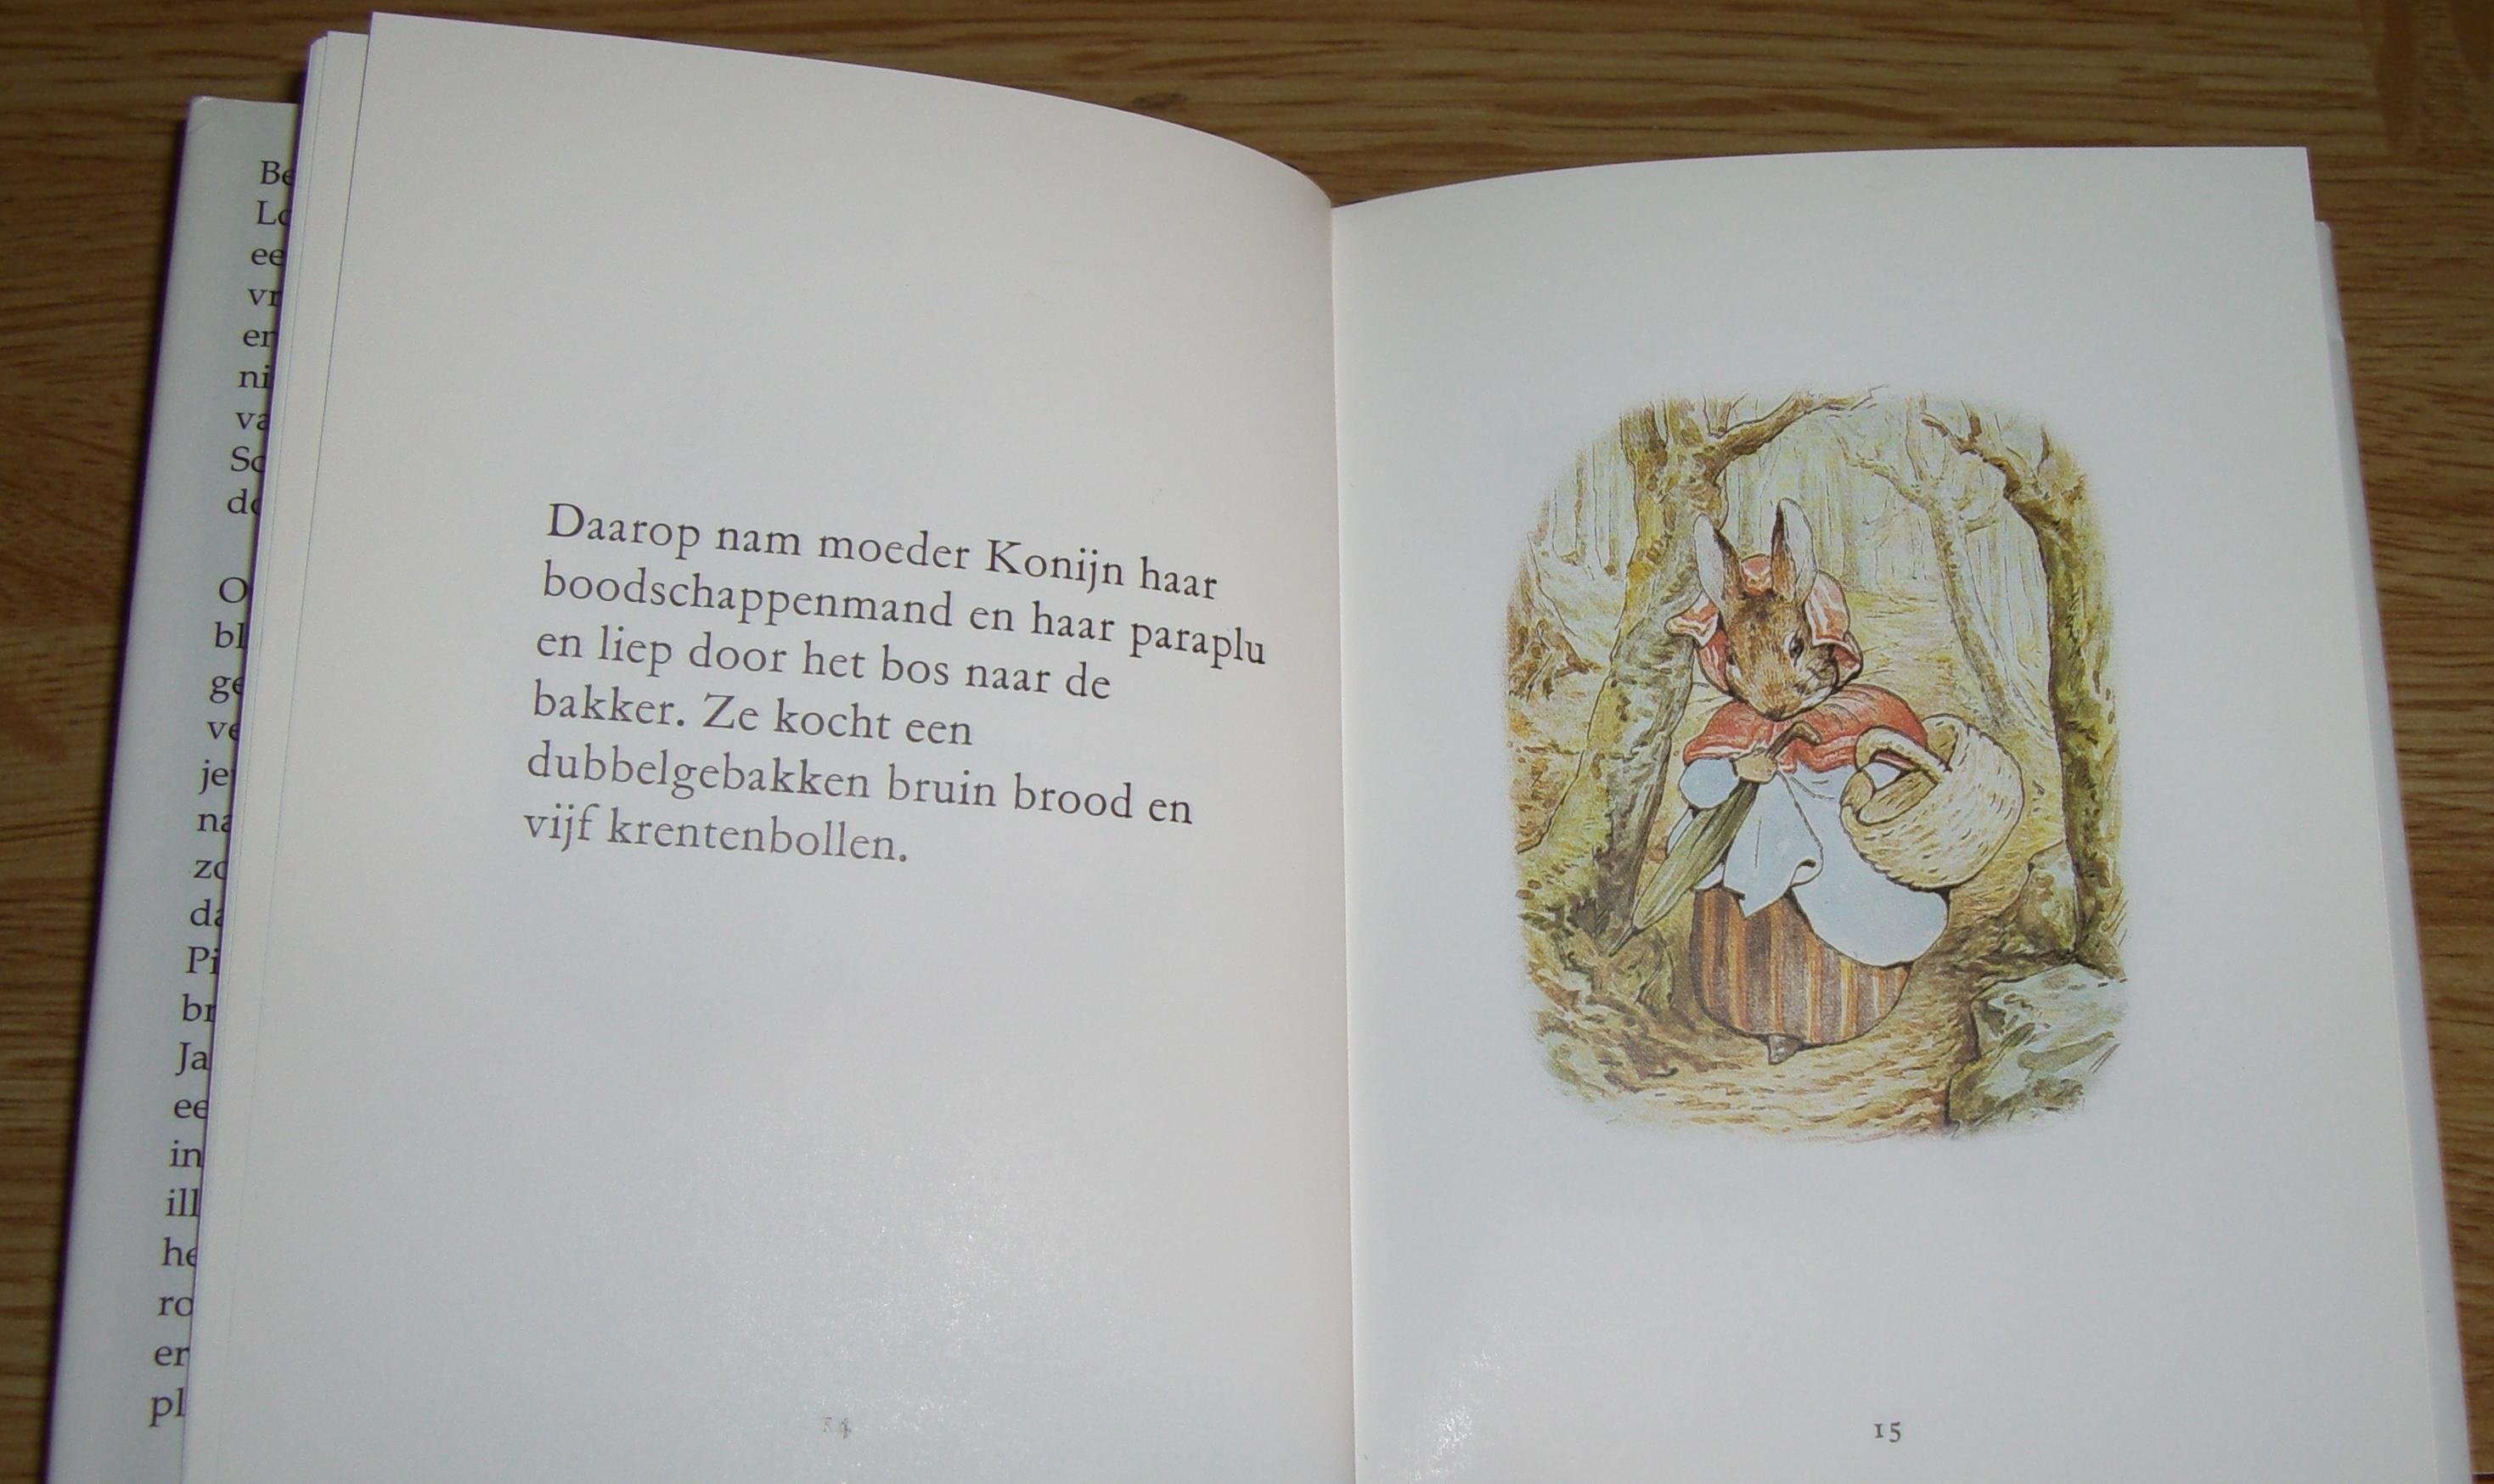 Beatrix Potter Het Verhaal Van Pieter Konijn Boekenwurm